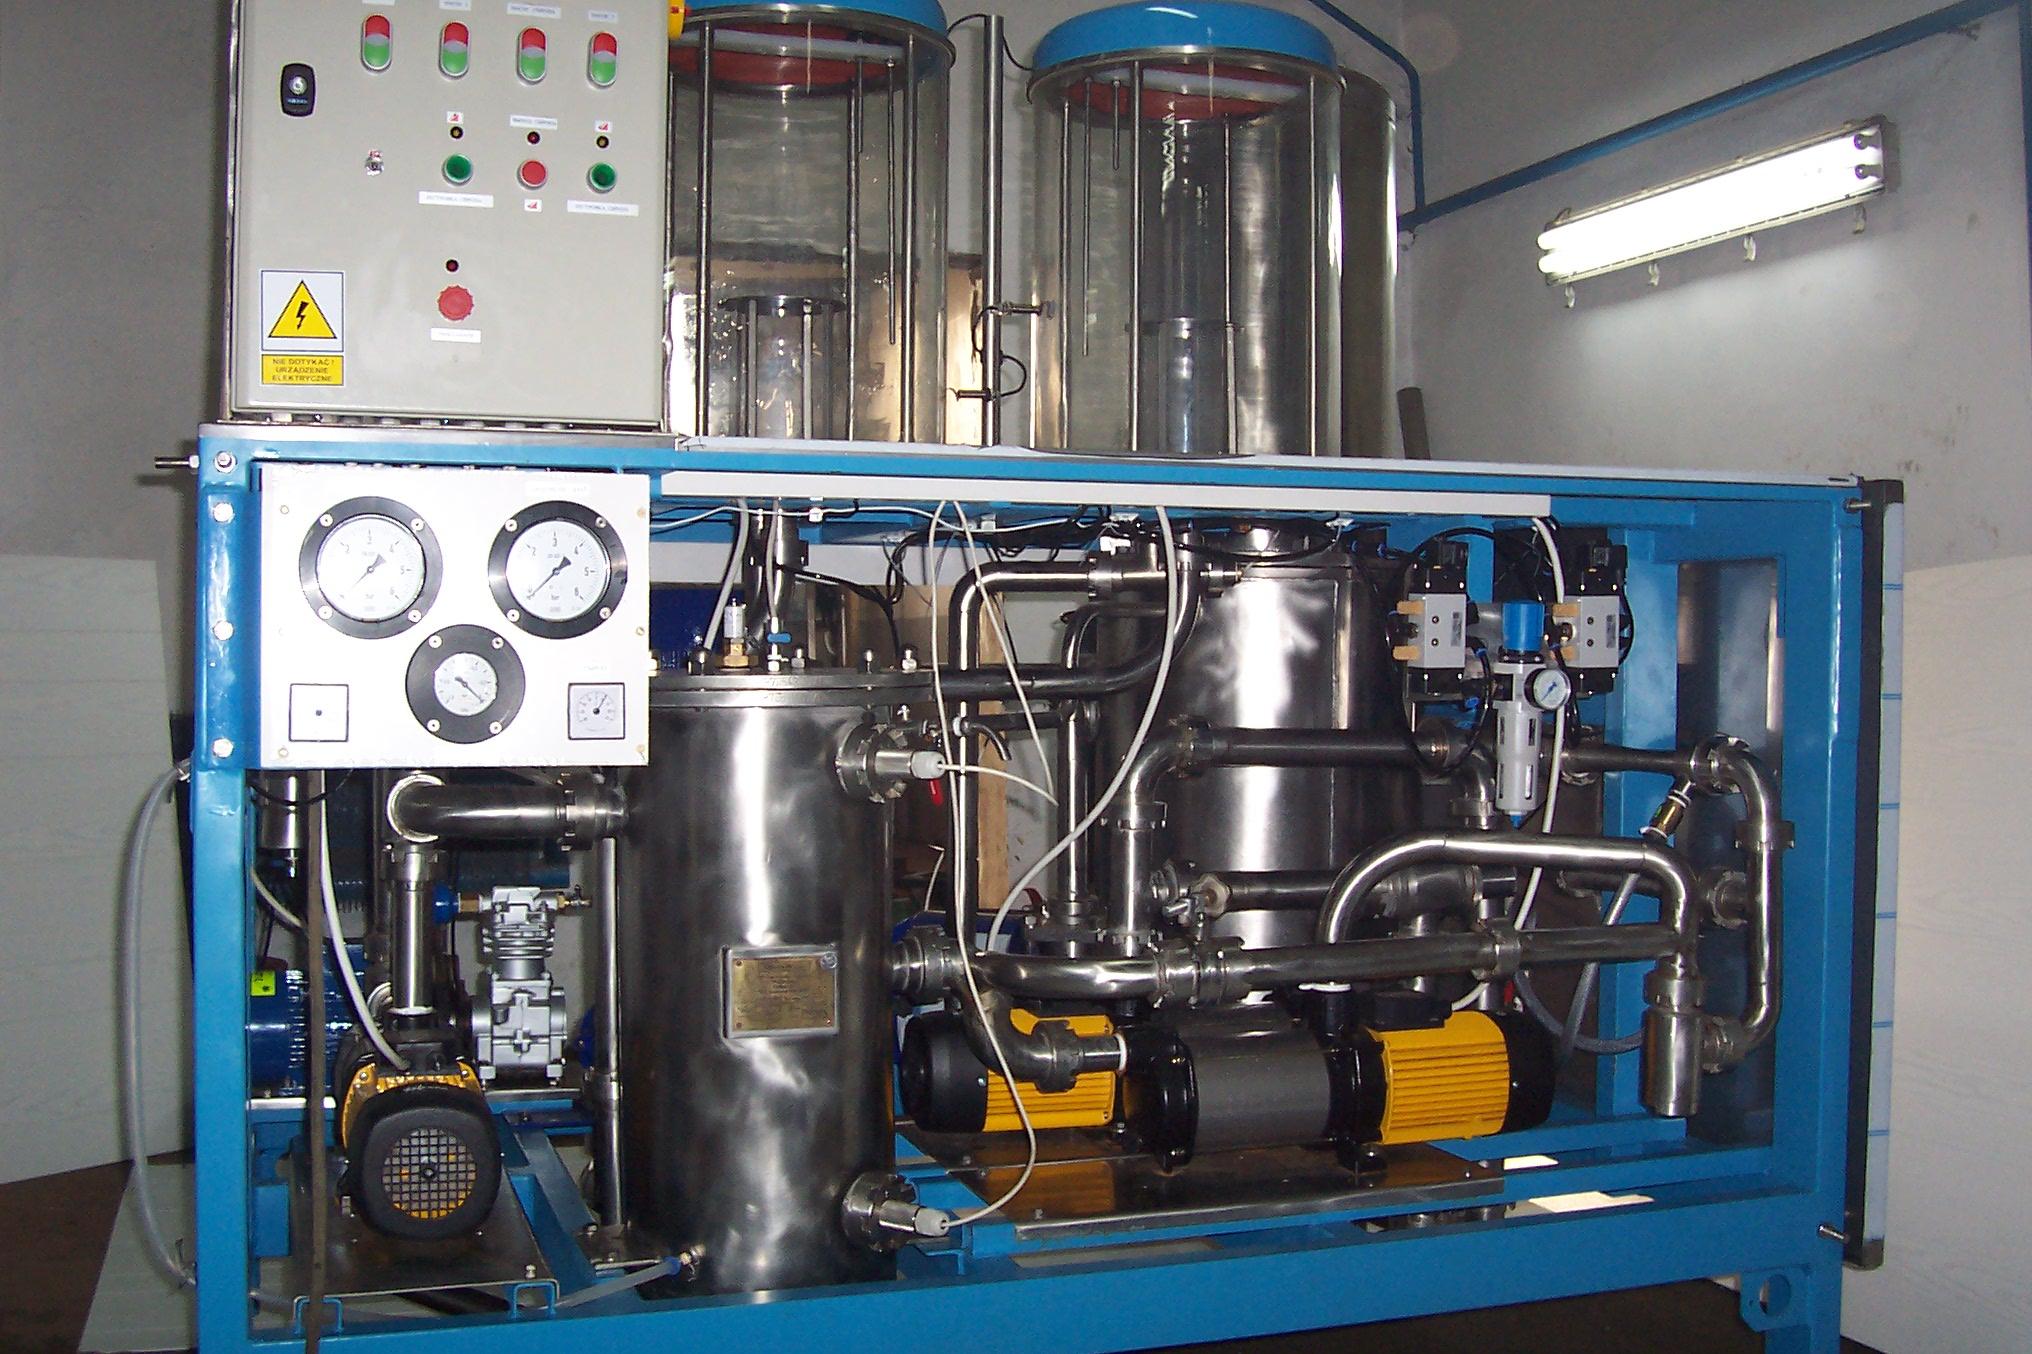 Доставка питьевой воды - Курьерская служба - Срібна